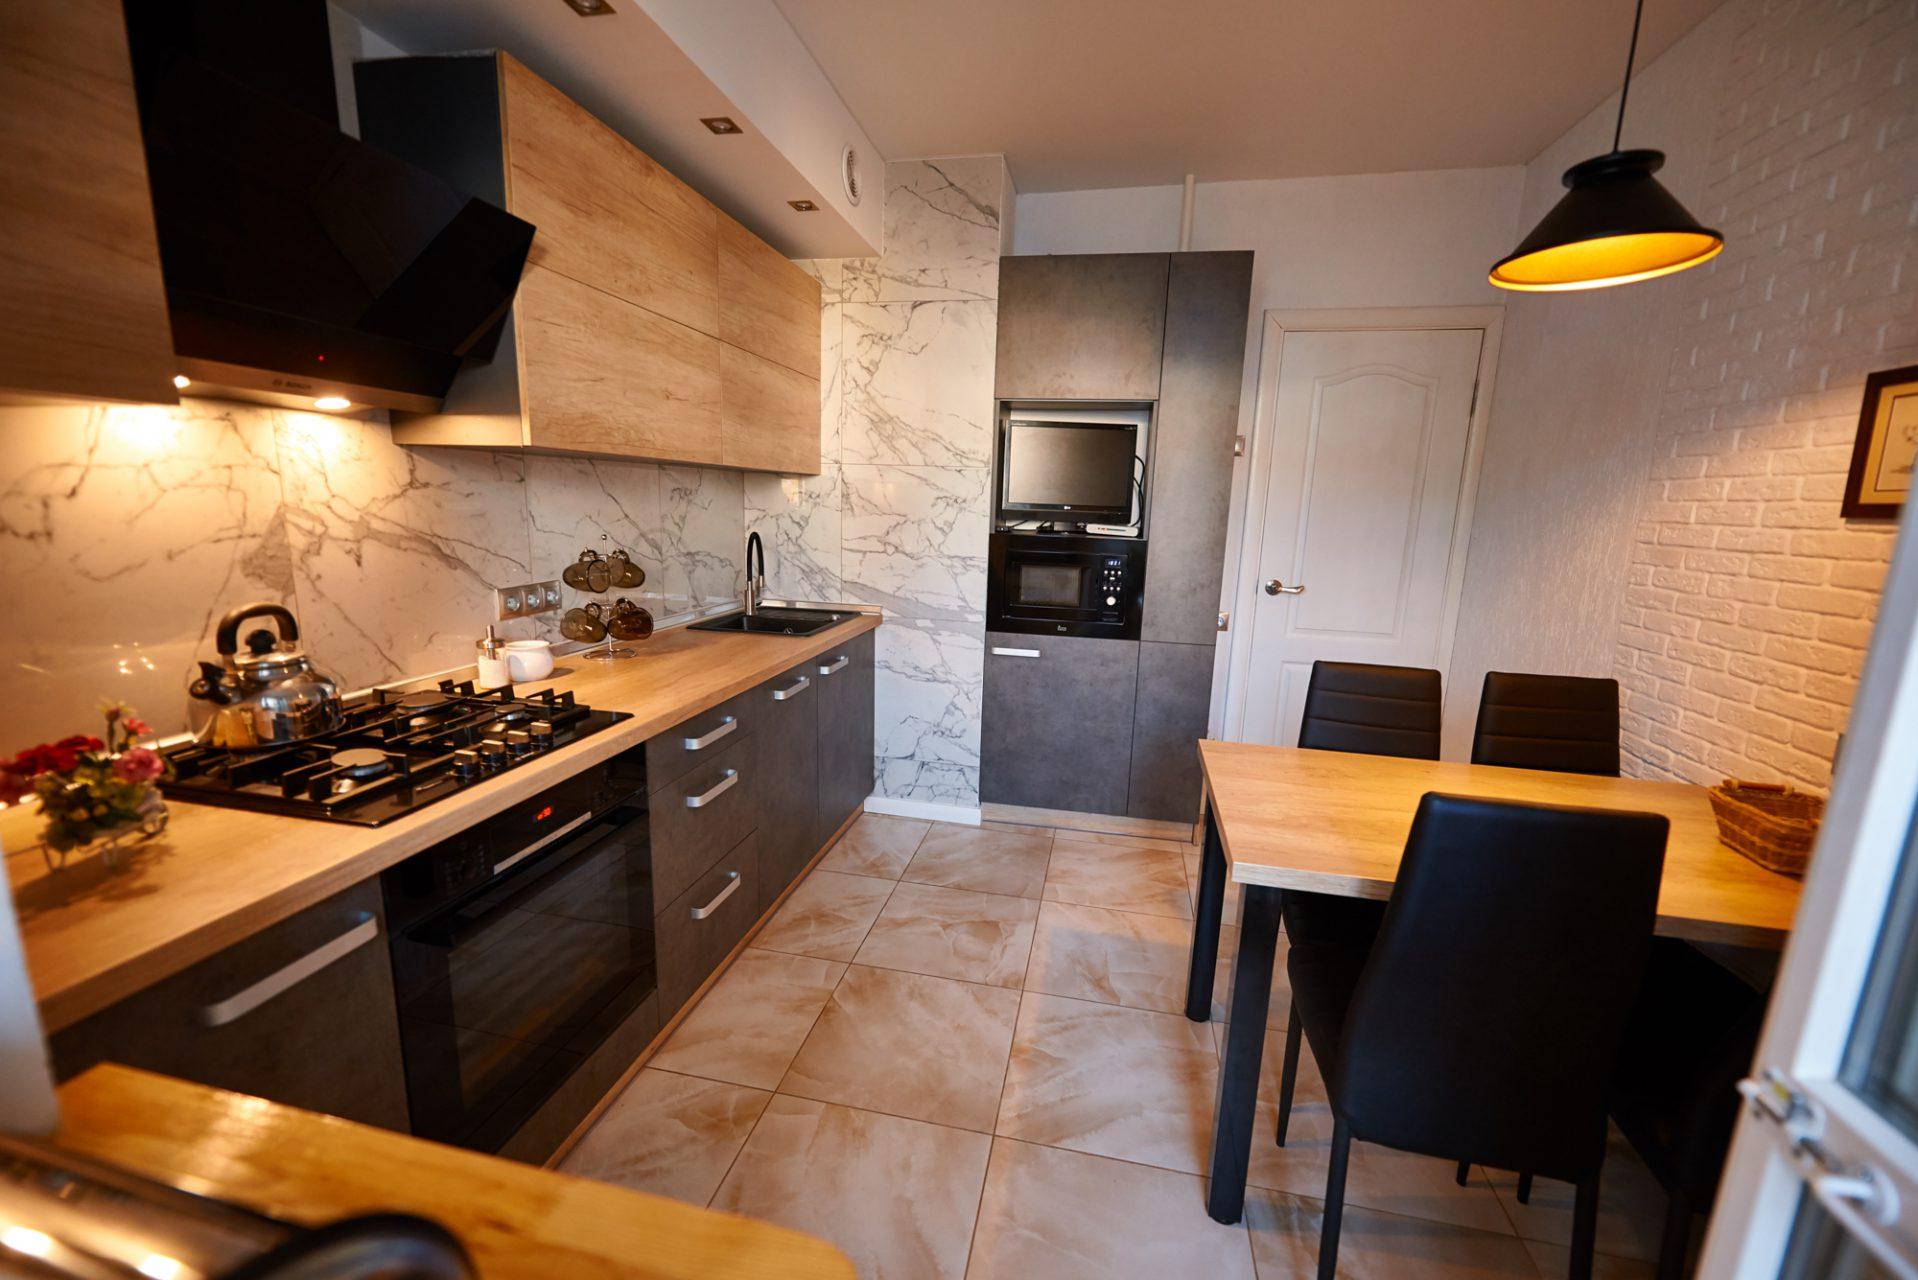 009_interior_kitchen2_korneychikeu